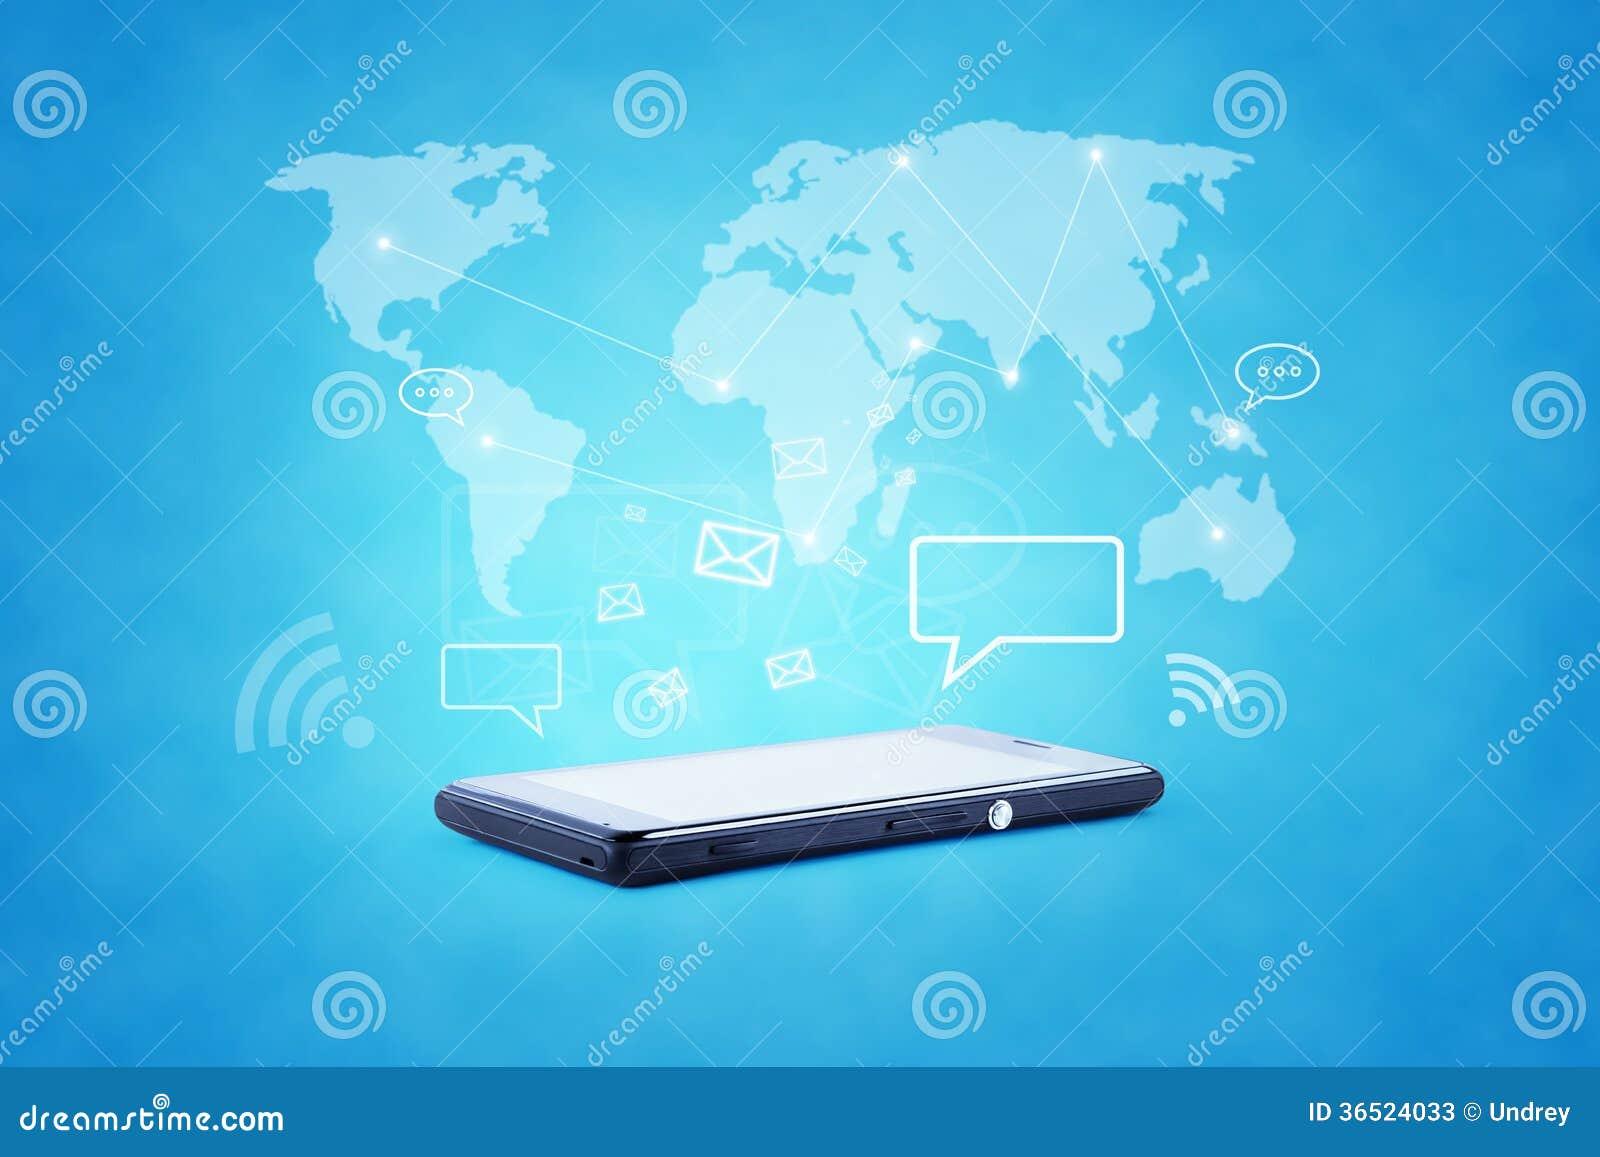 Illustration moderne de technologie des communications avec